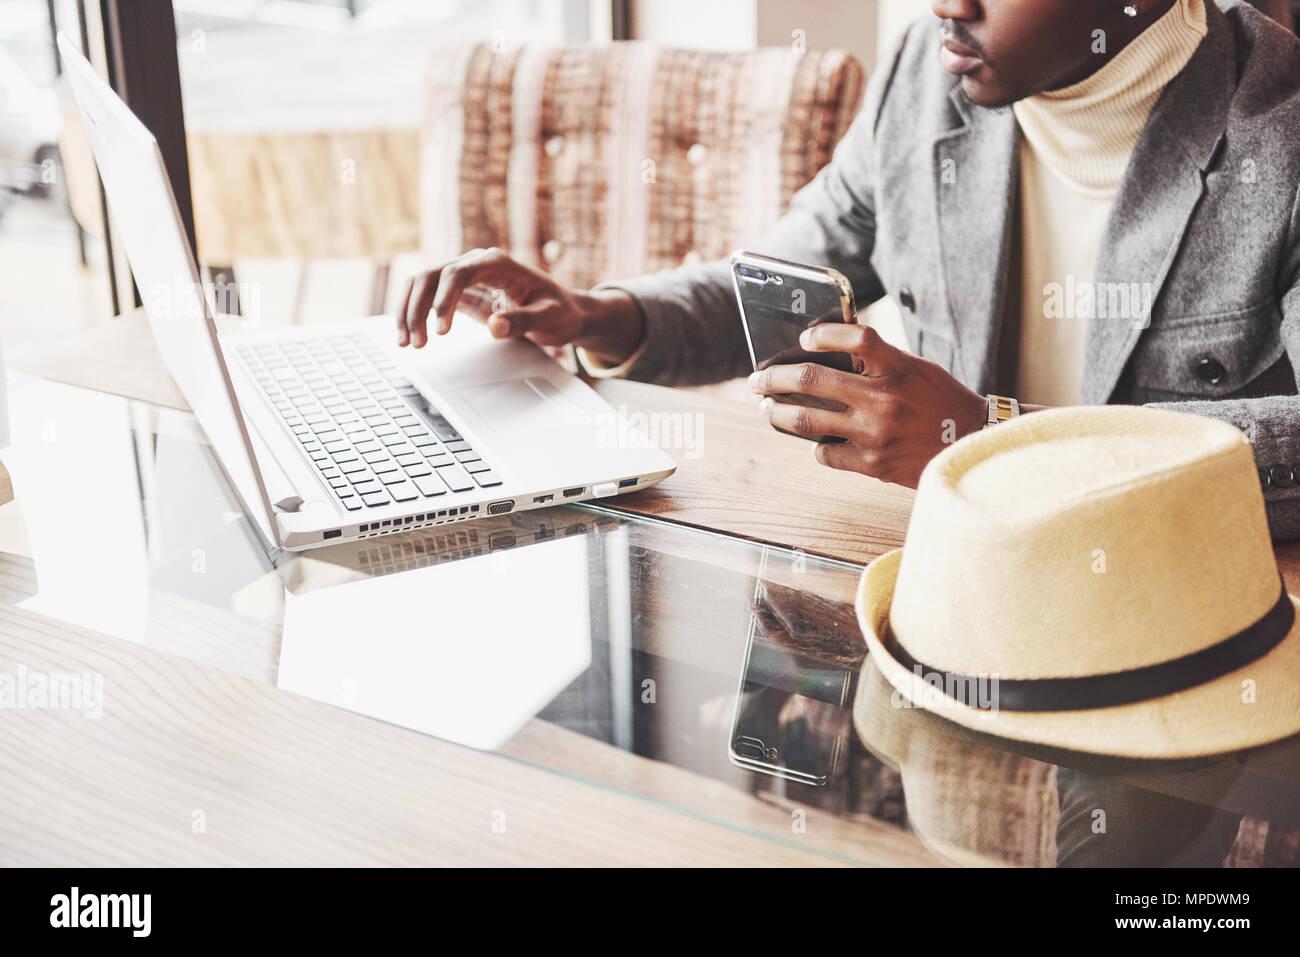 African American pensif beau écrivain professionnel d'articles populaires dans blog habillés en costume et mode de pensée lunettes new story Correction du script du portable assis dans cafe Photo Stock